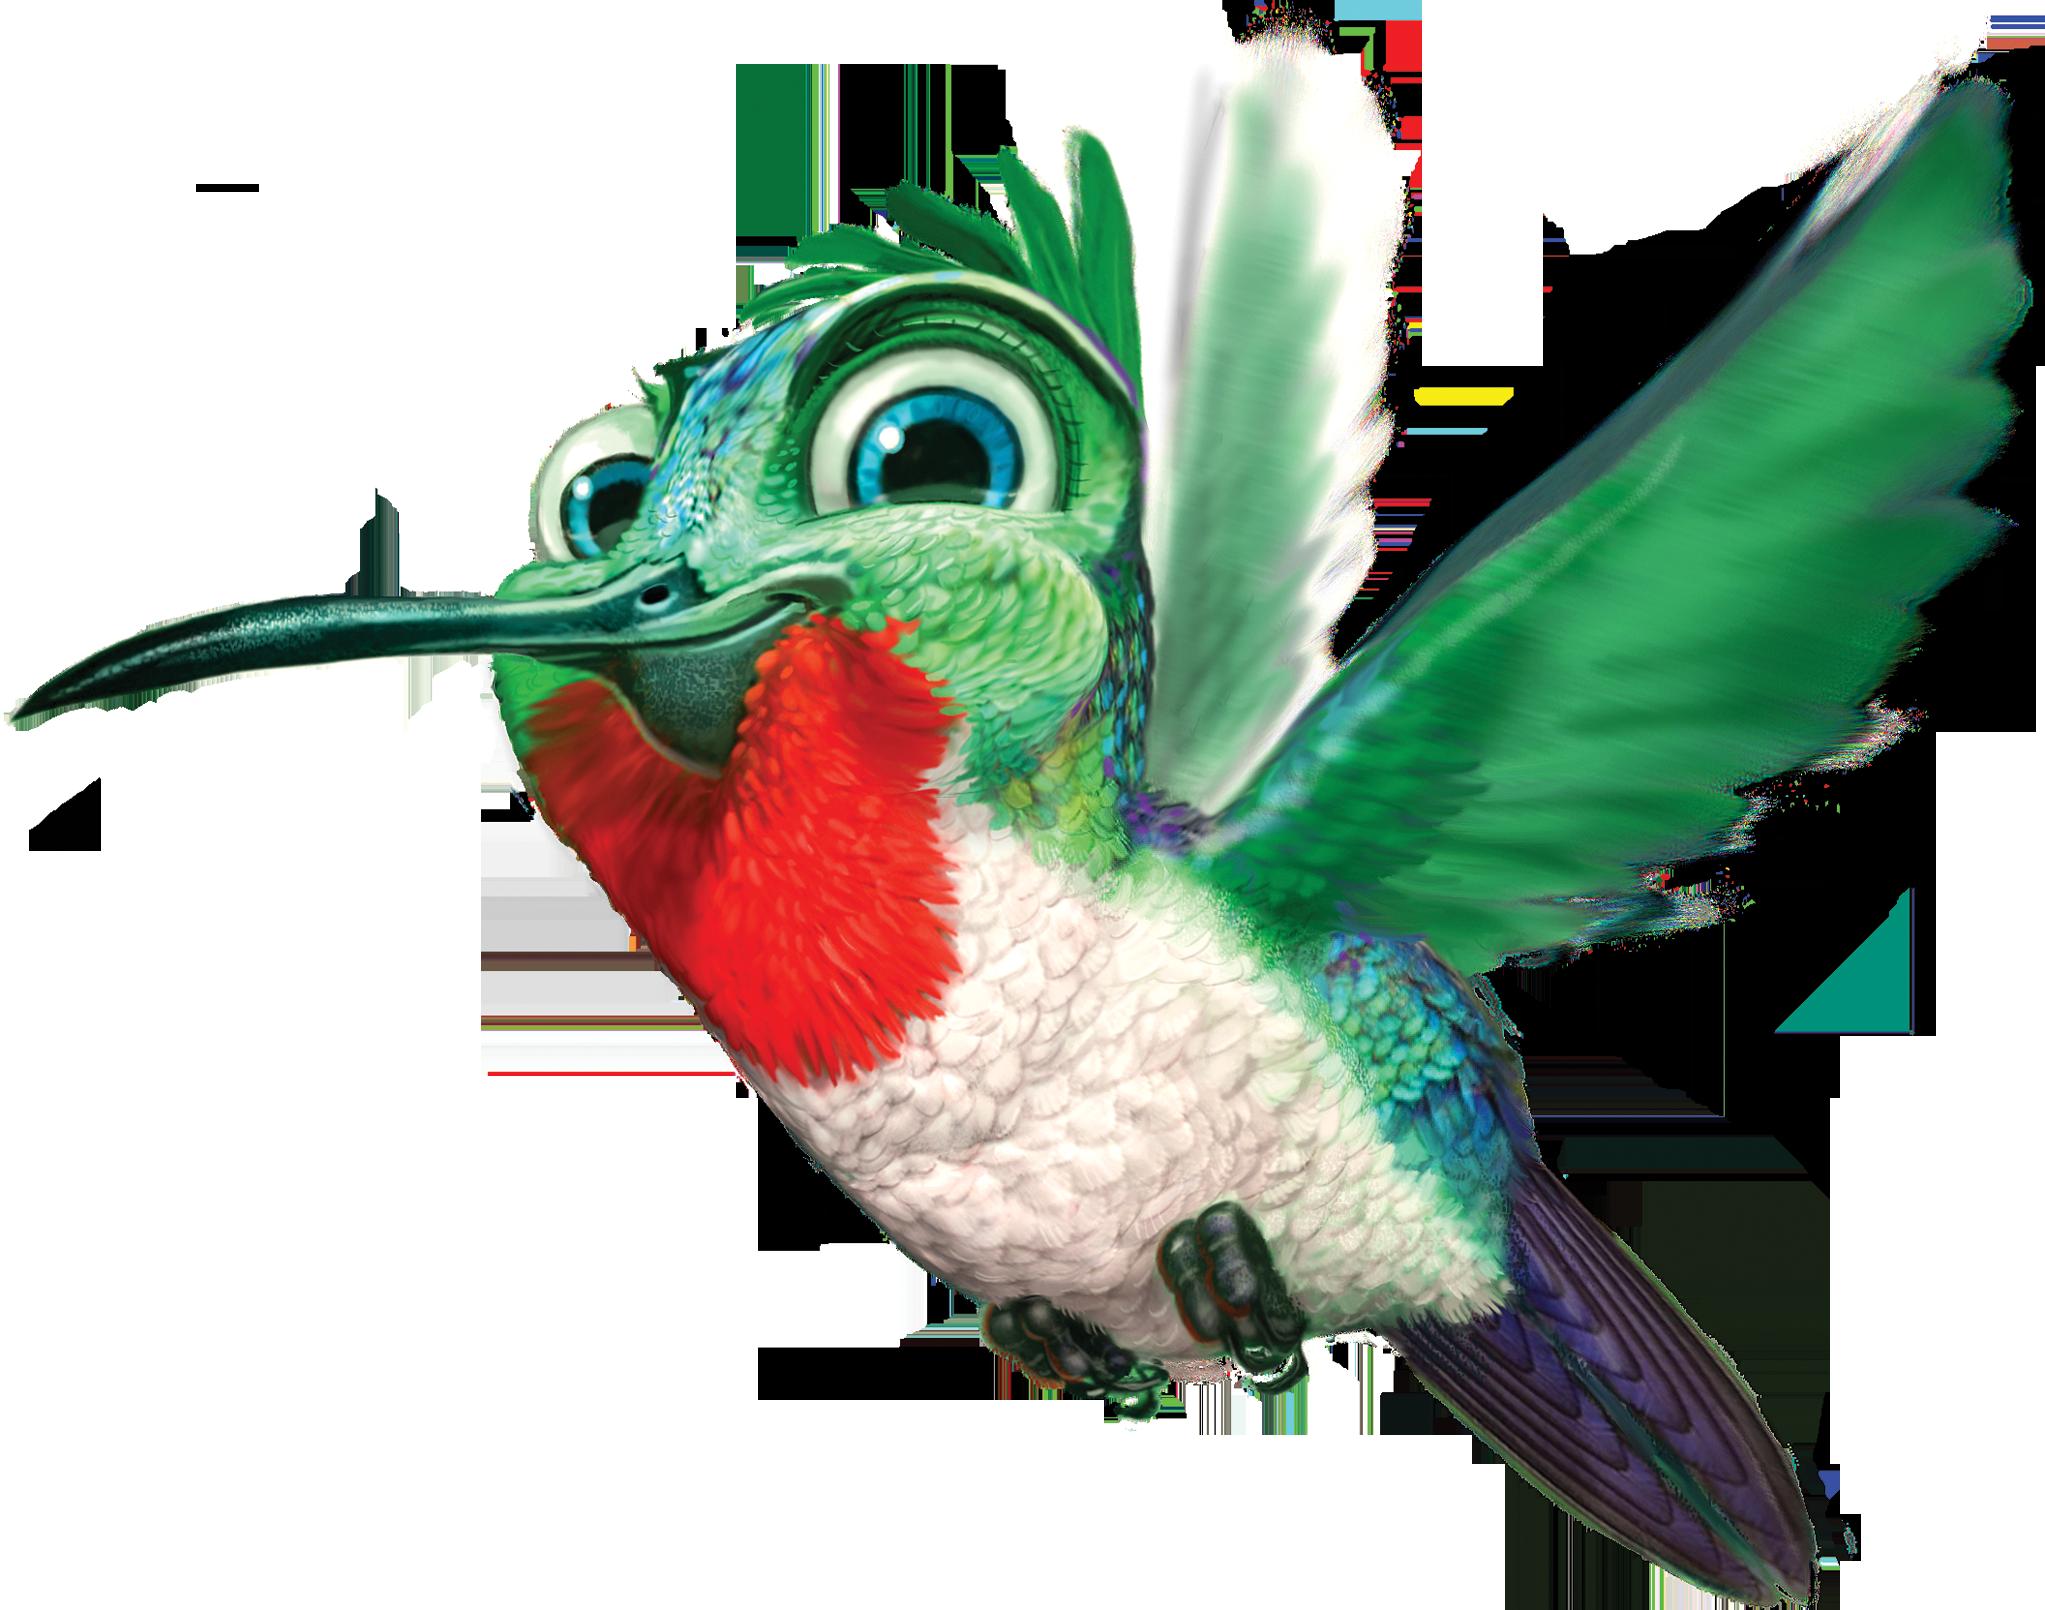 Png transparent images all. Hummingbird clipart beautiful bird